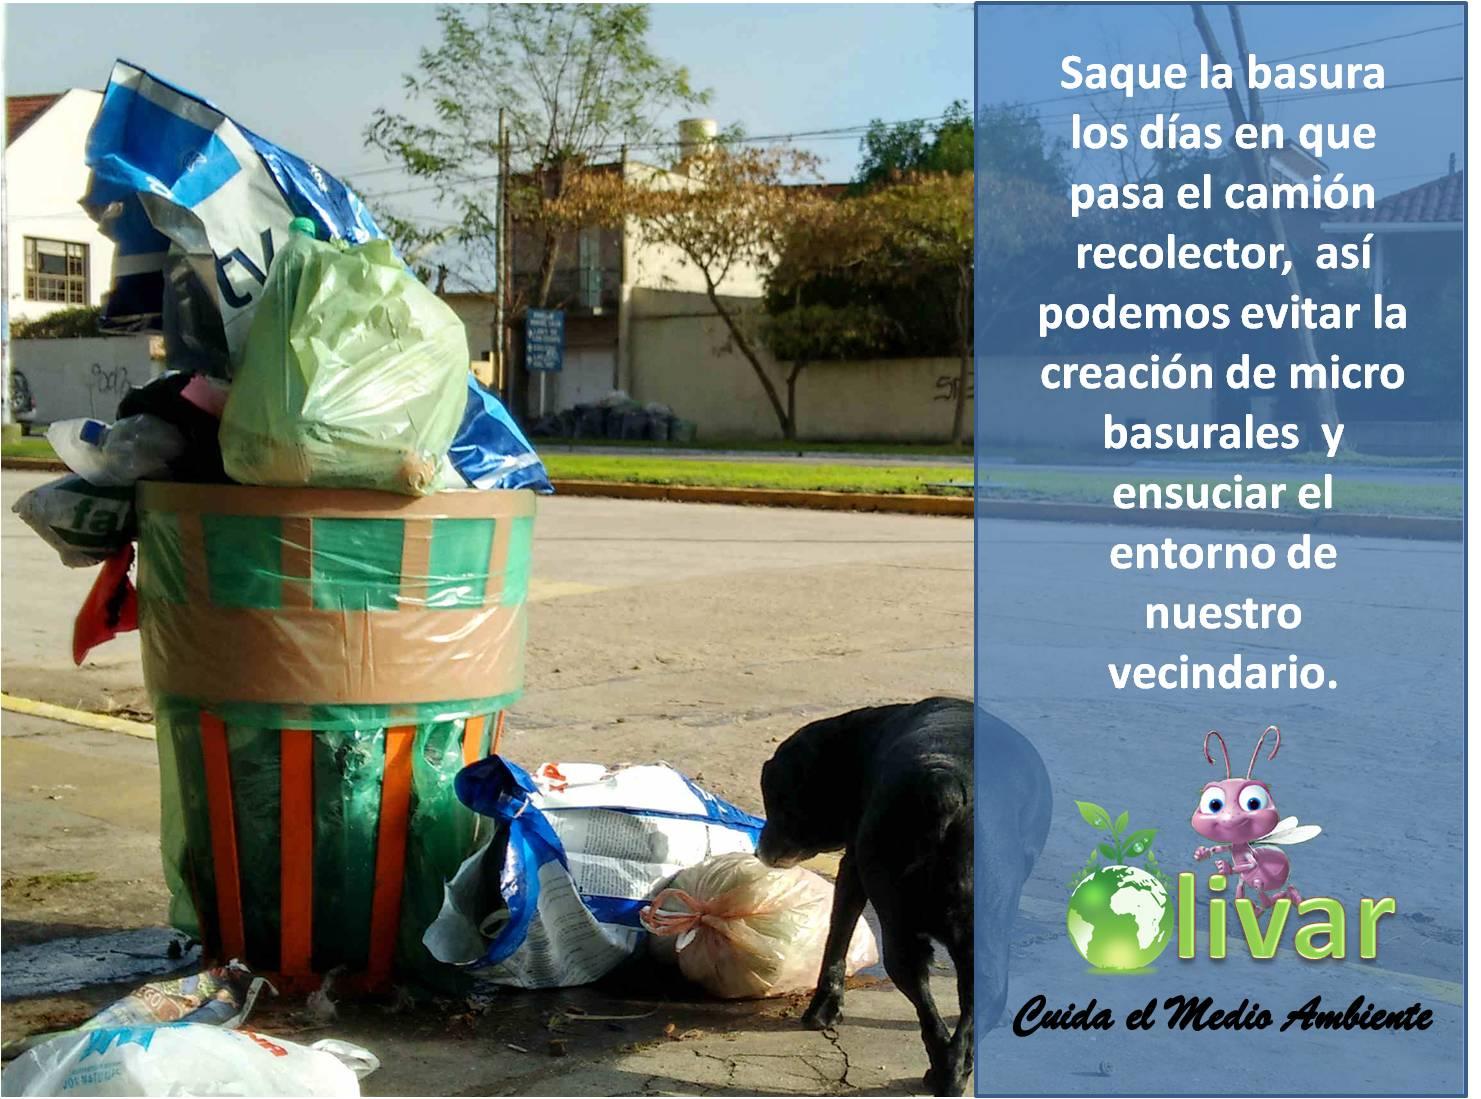 Horarios de retiro de basura /Cuidado del Medio Ambiente